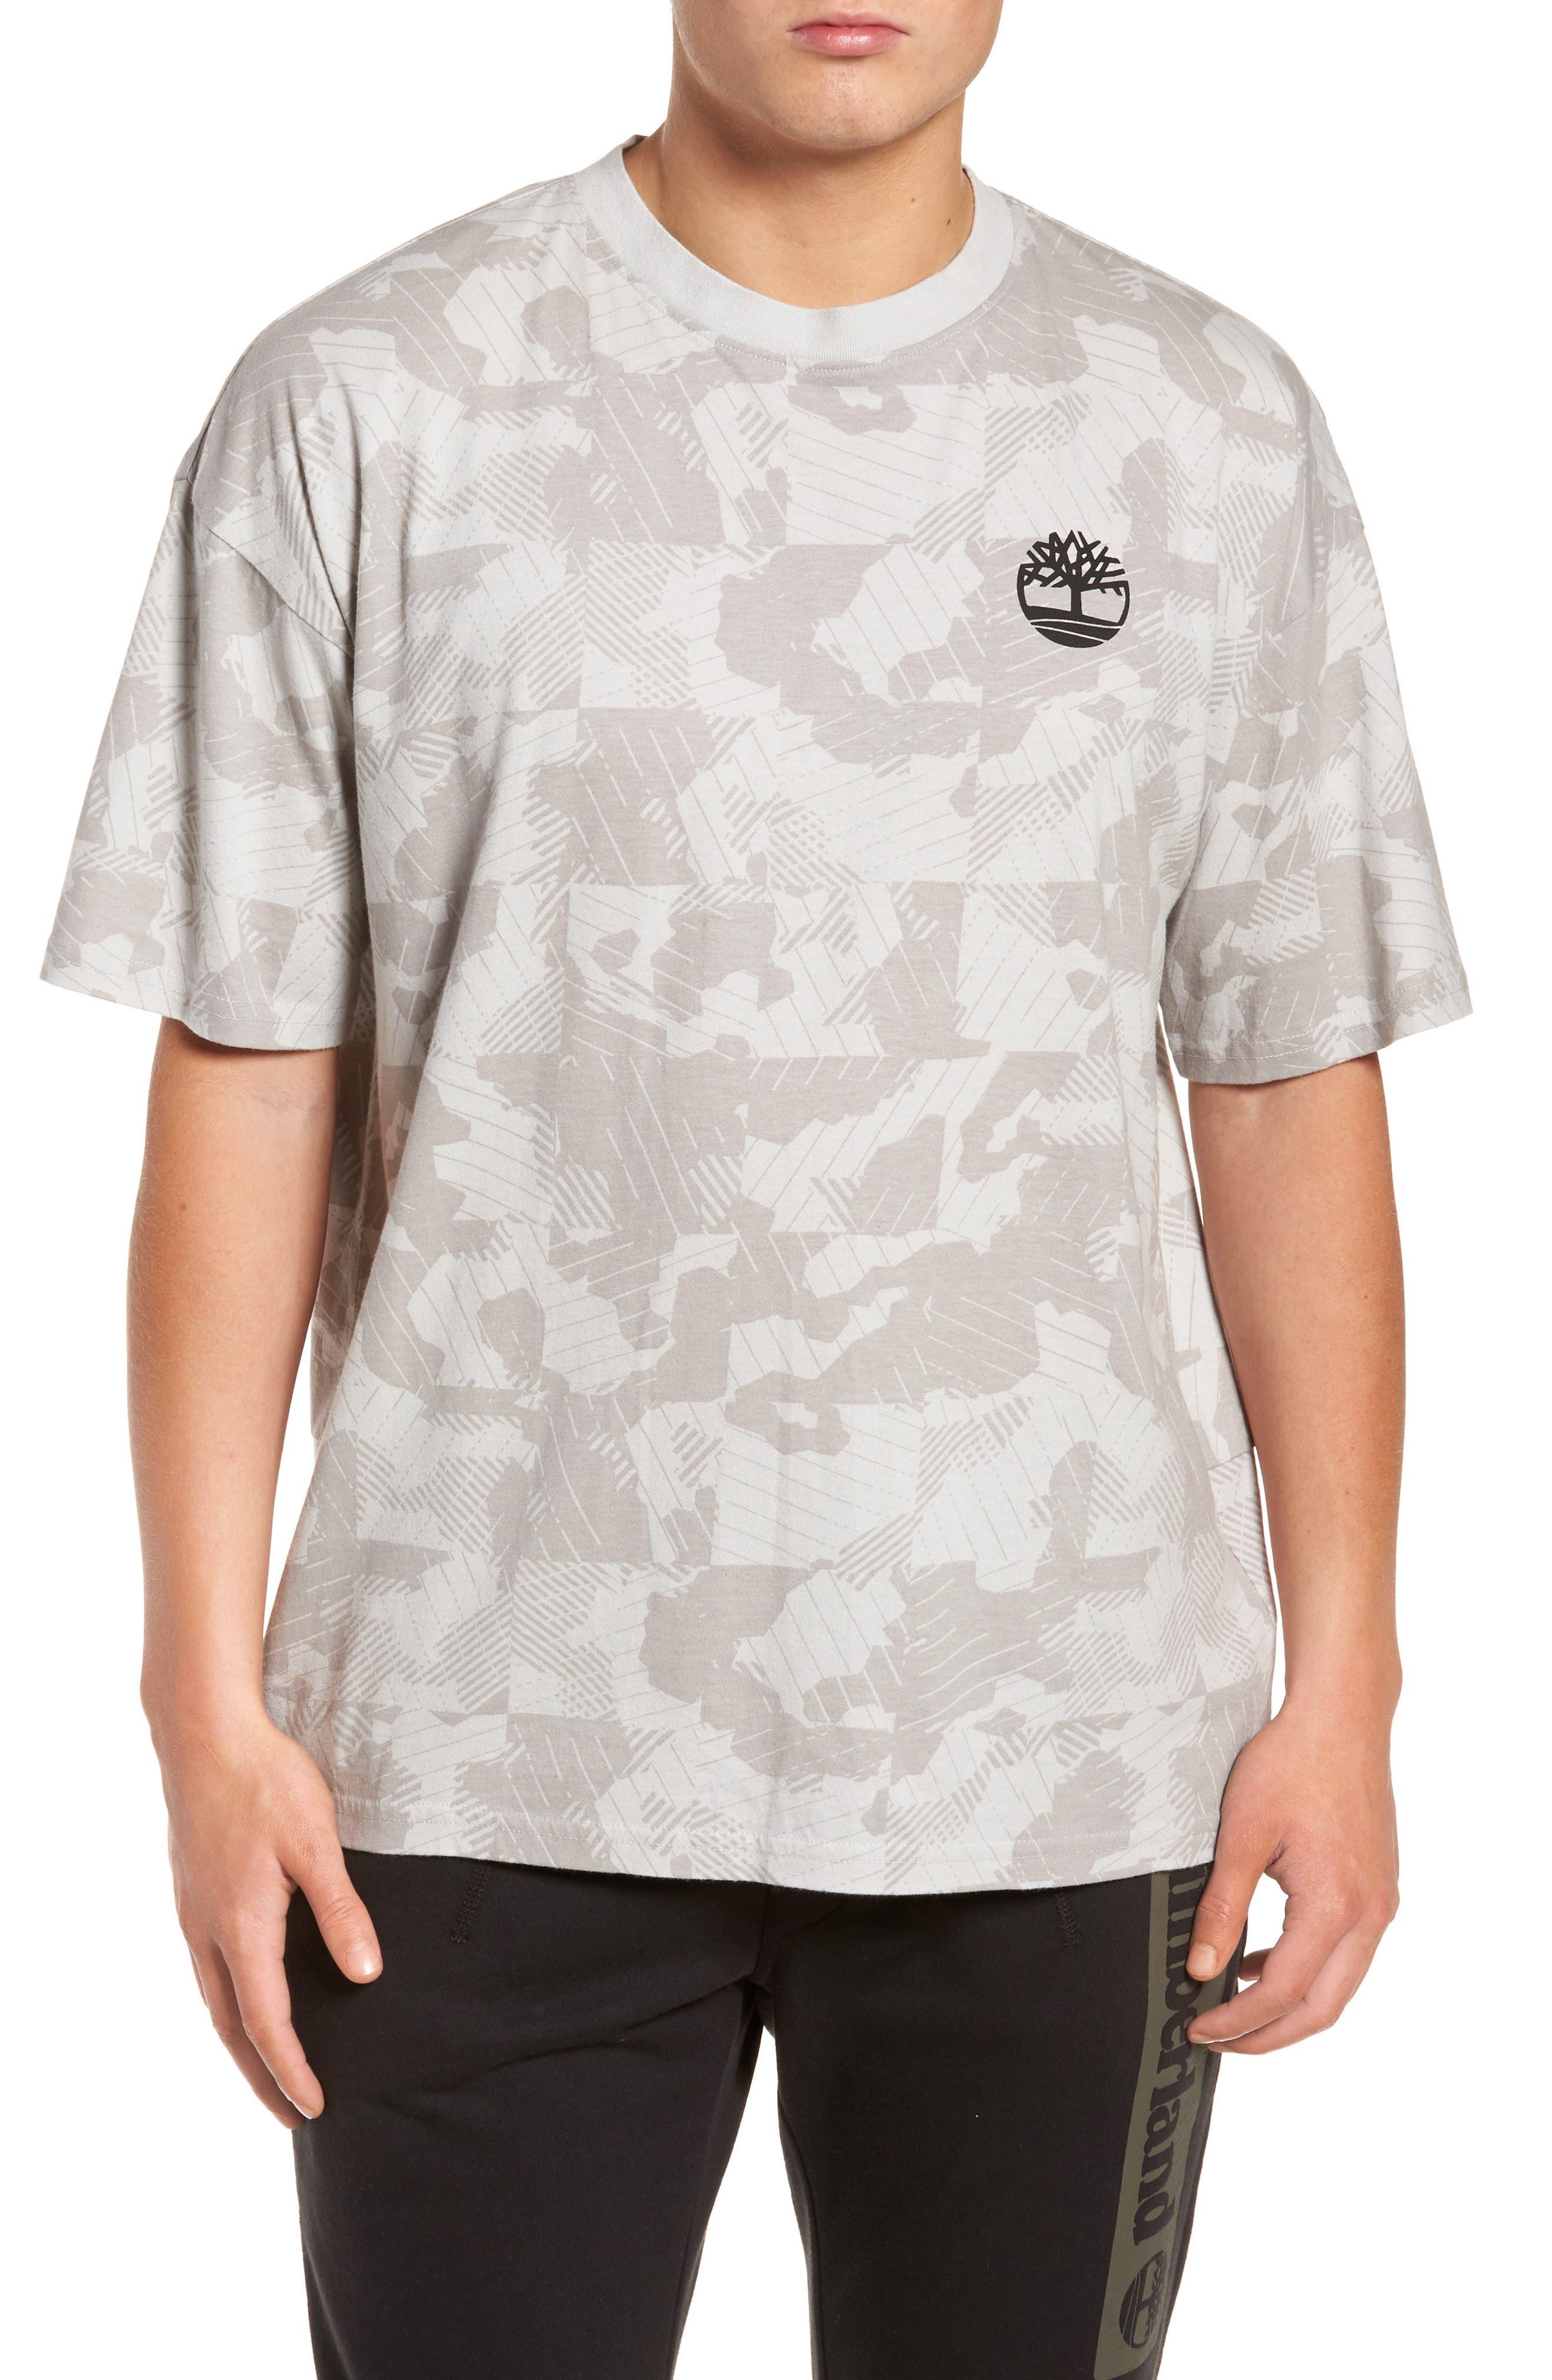 Timberland Disruptive Crewneck T-Shirt